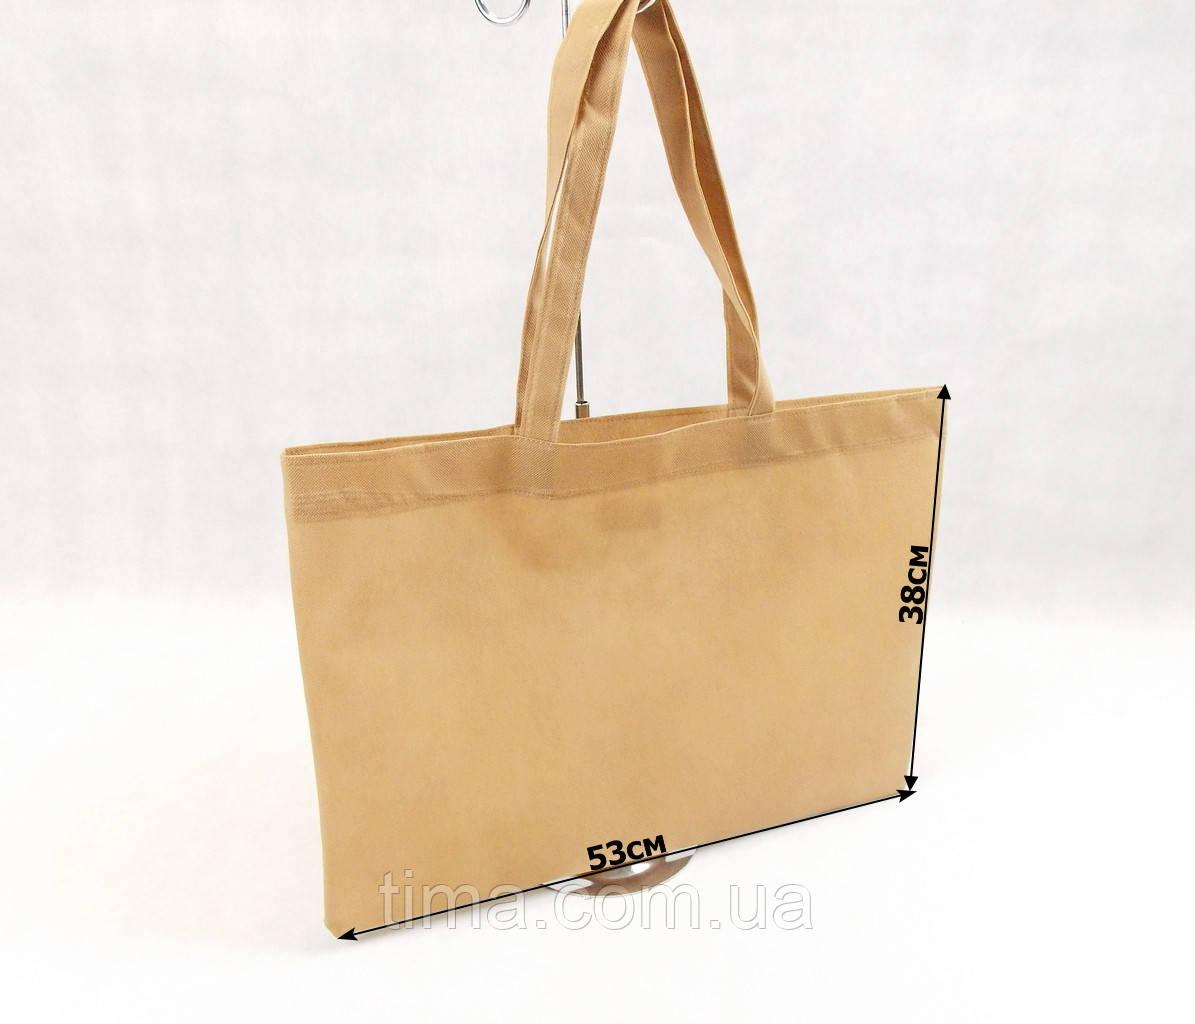 Еко сумка з спанбонду 53х38